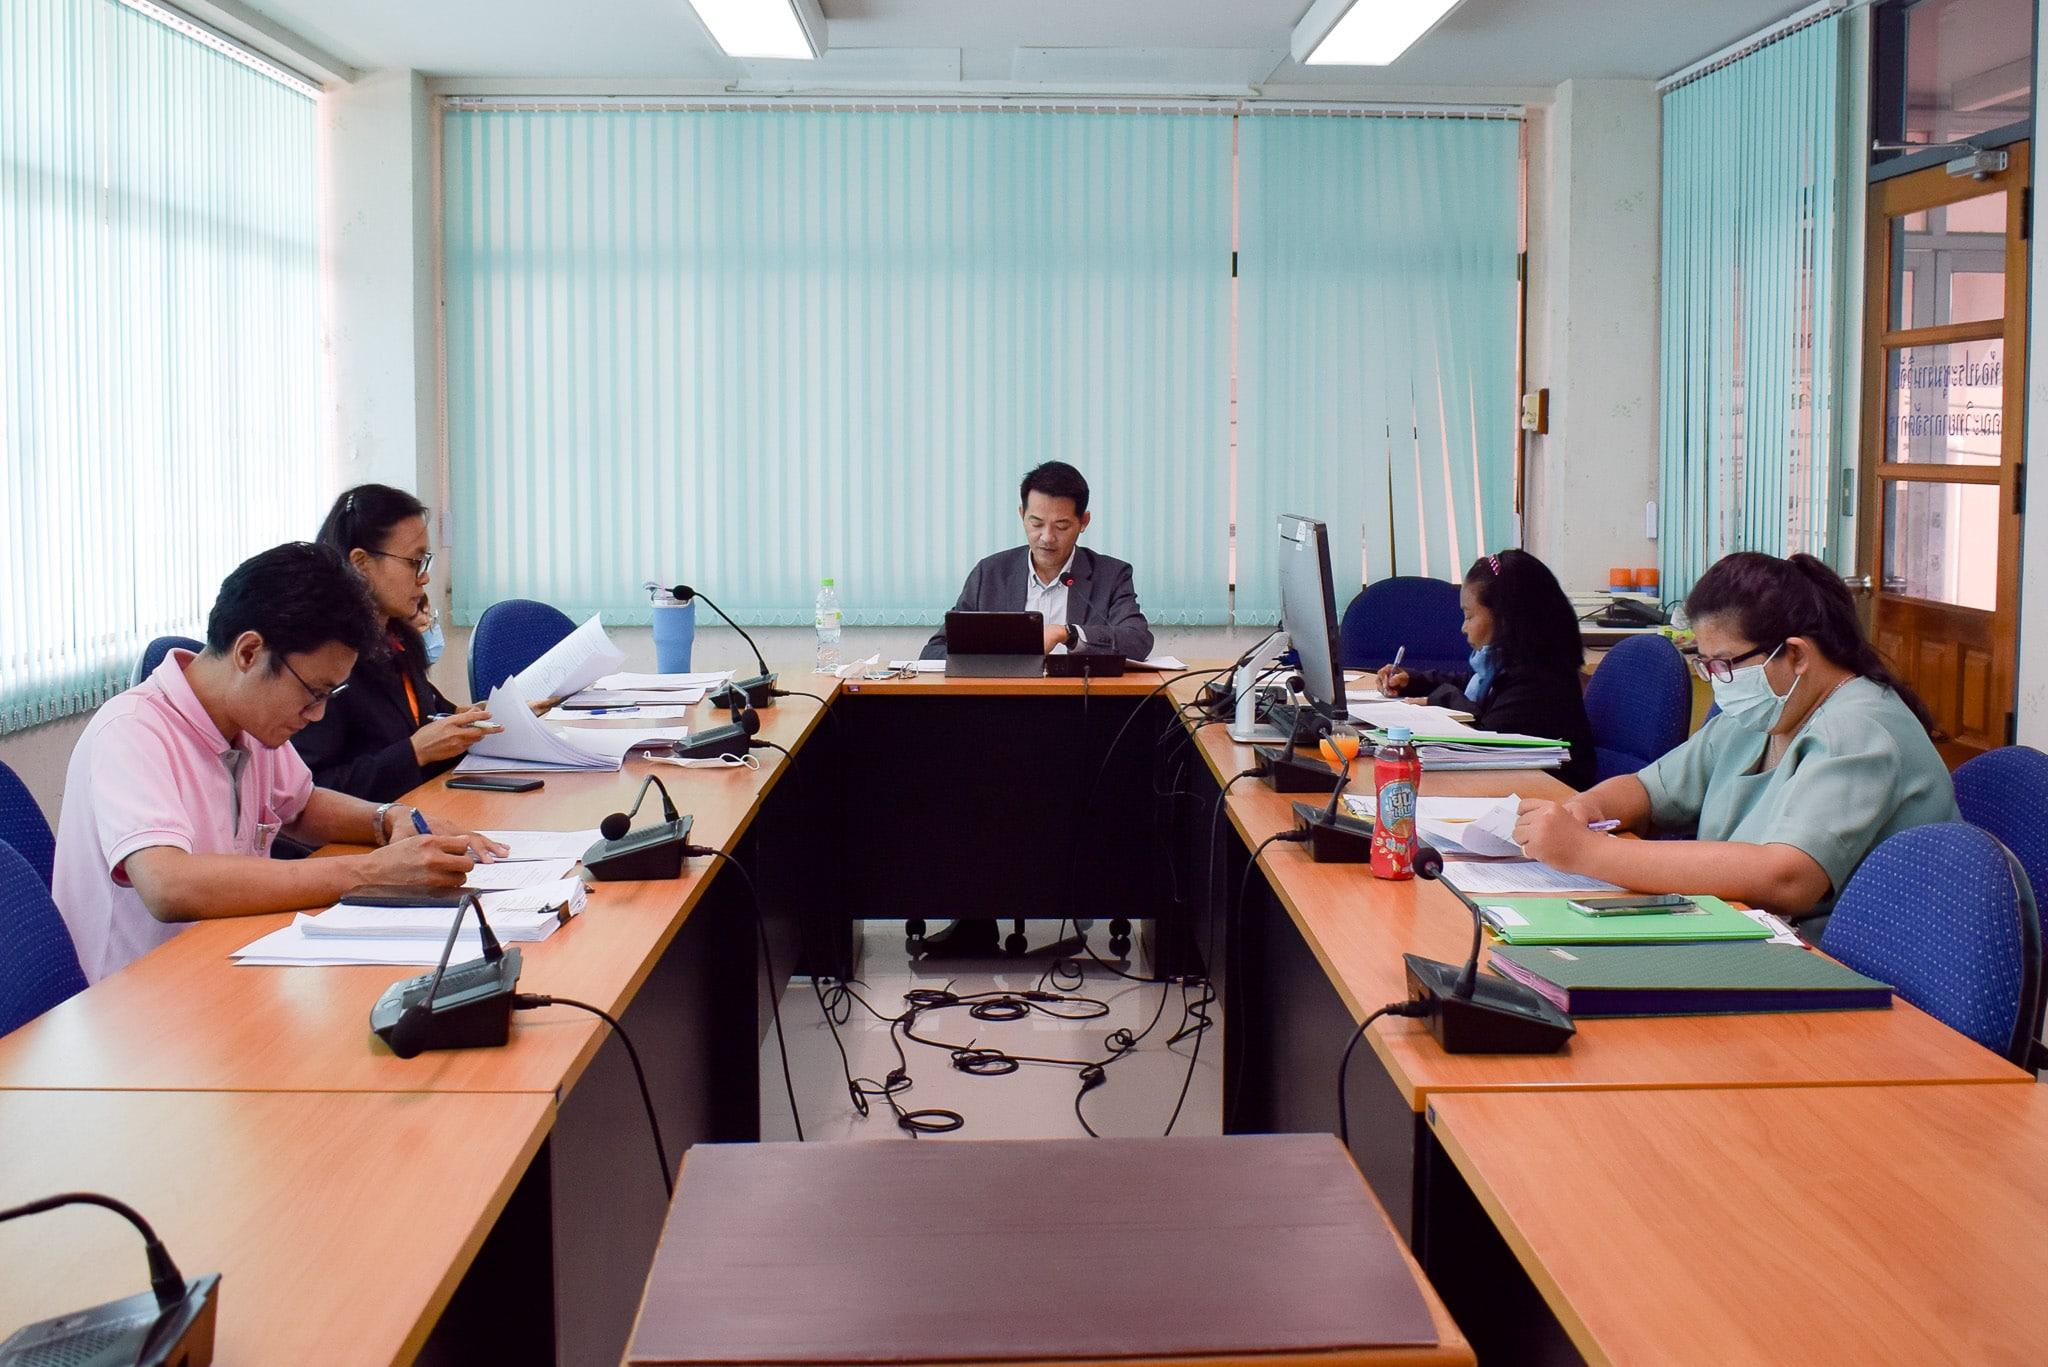 การประชุมคณะกรรมการบริหารคณะวิทยาการจัดการ ครั้งที่ 16/2563